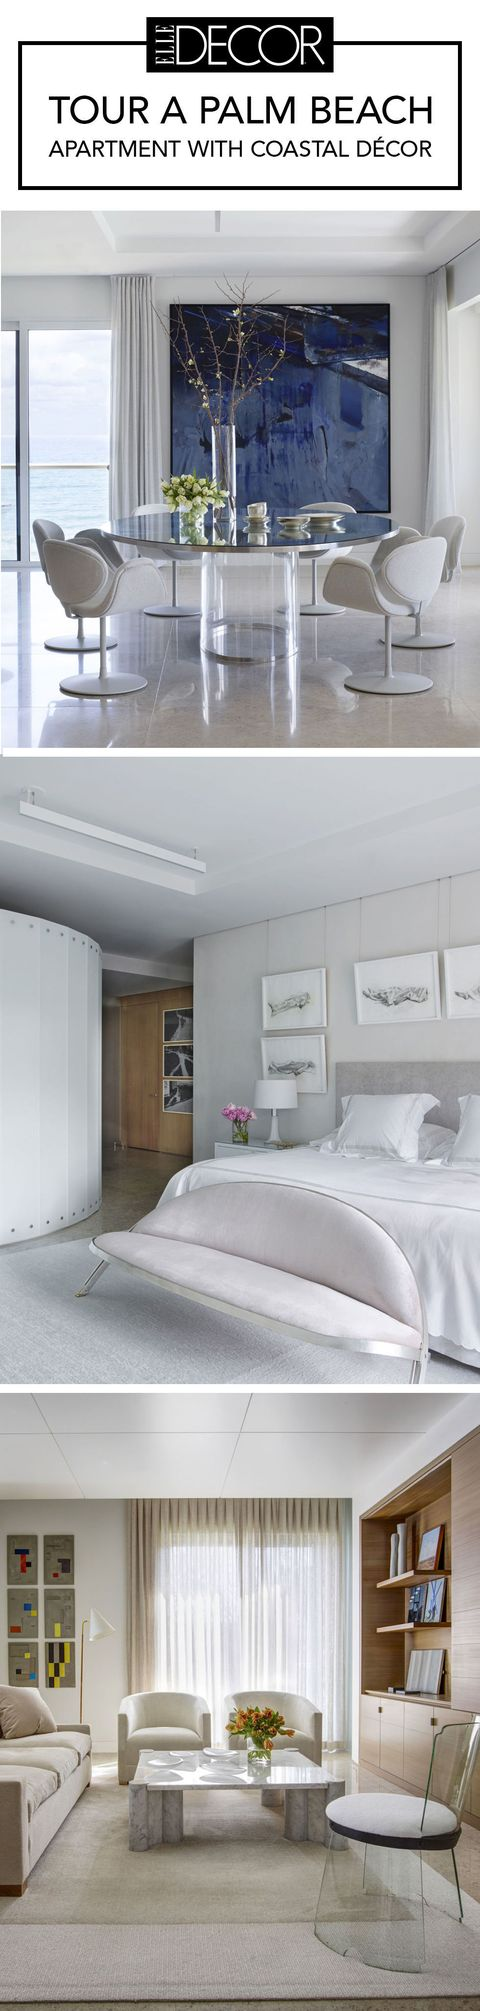 Palm Beach Apartment Coastal Decor - Contemporary Art Home